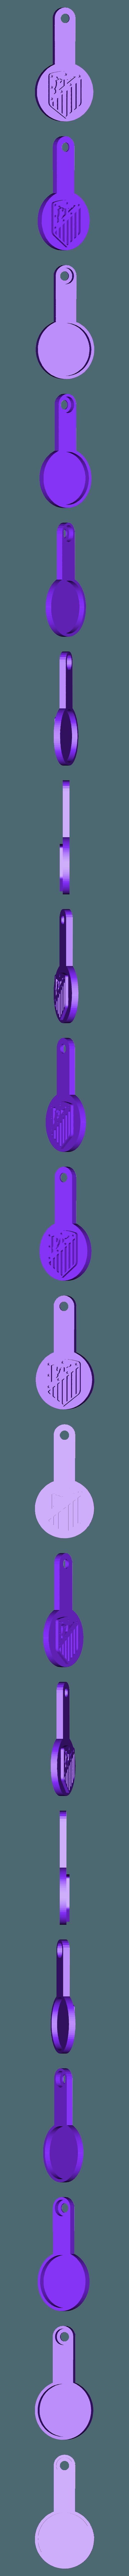 ATLETICO_DE_MADRID_Hembra_Slim.stl Télécharger fichier STL gratuit LLAVERO CELTA DE VIGO, REAL MADRID, BARCELONA, ATLETICO DE MADRID Y TORTUGA (NFC) • Modèle imprimable en 3D, celtarra12